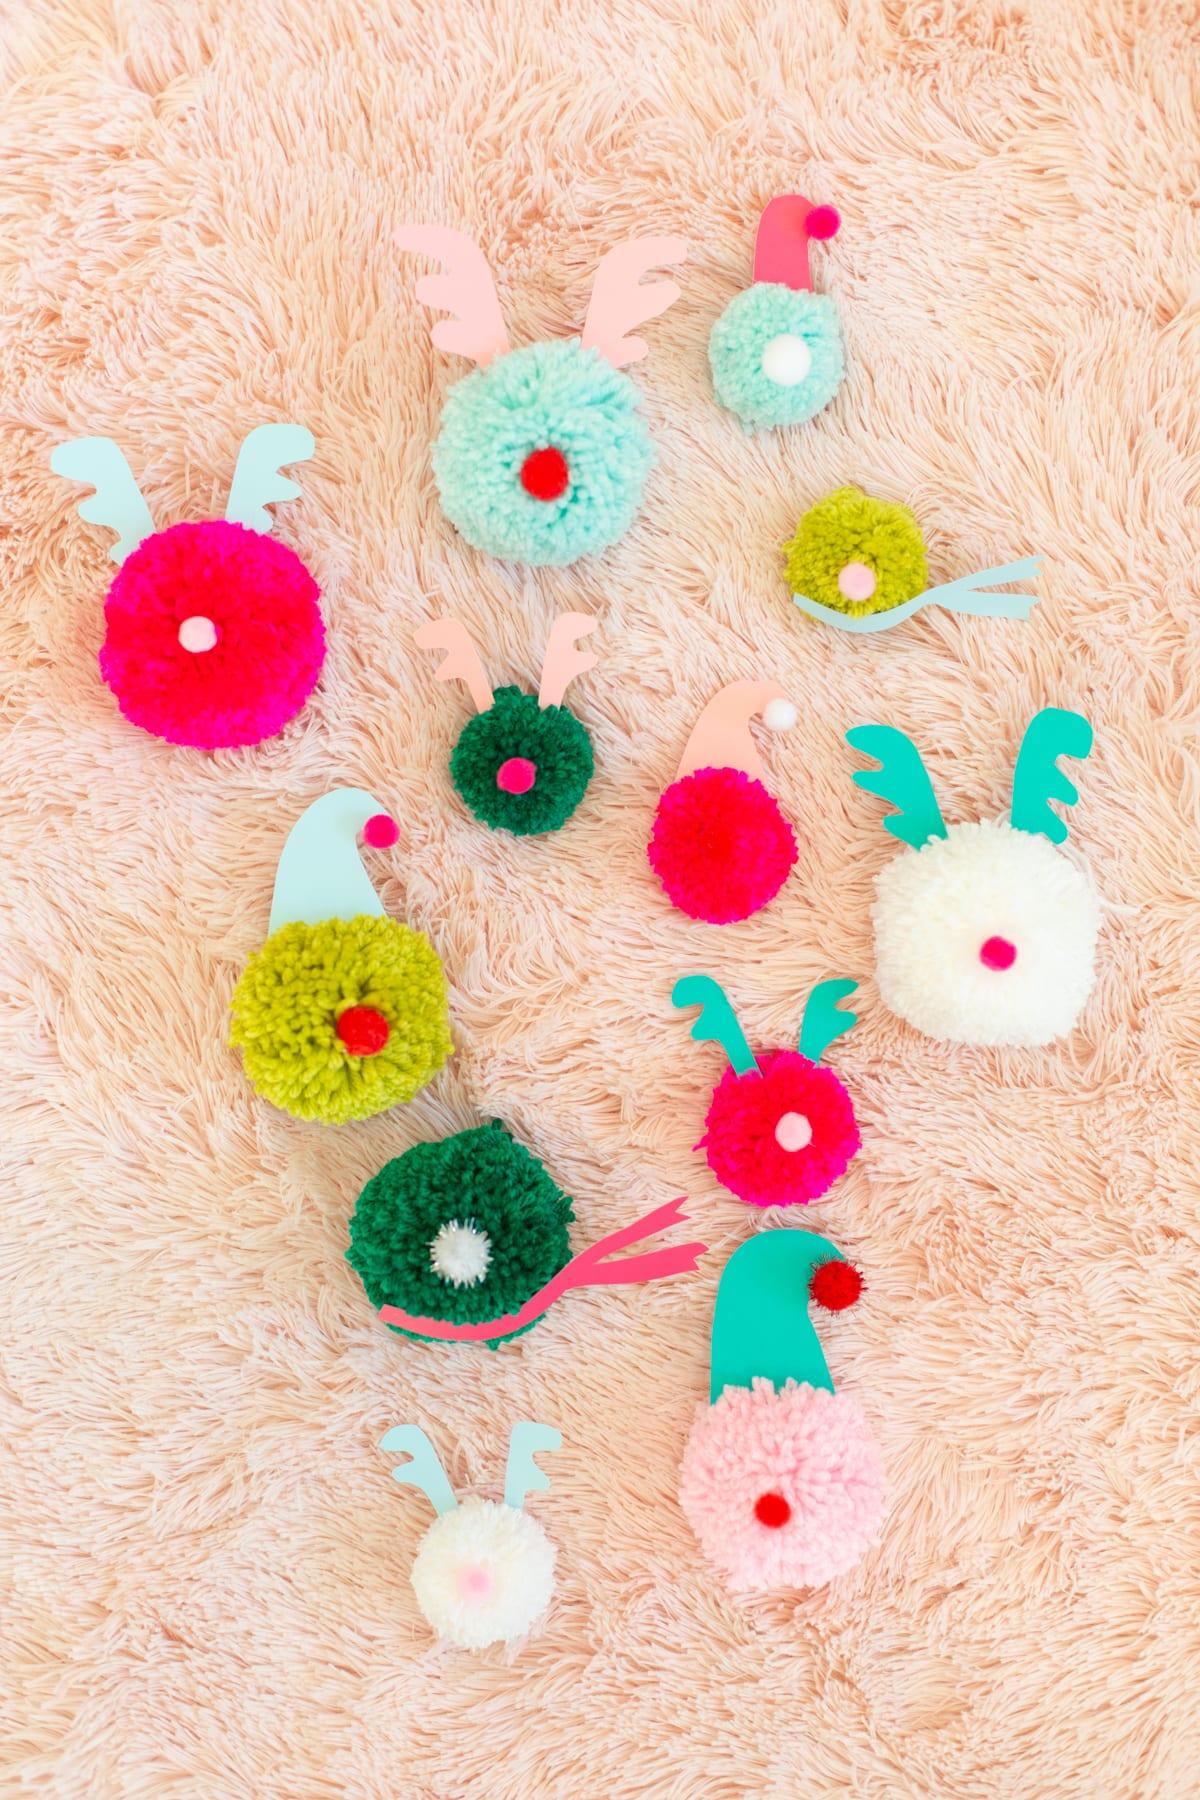 Pompom Ornaments